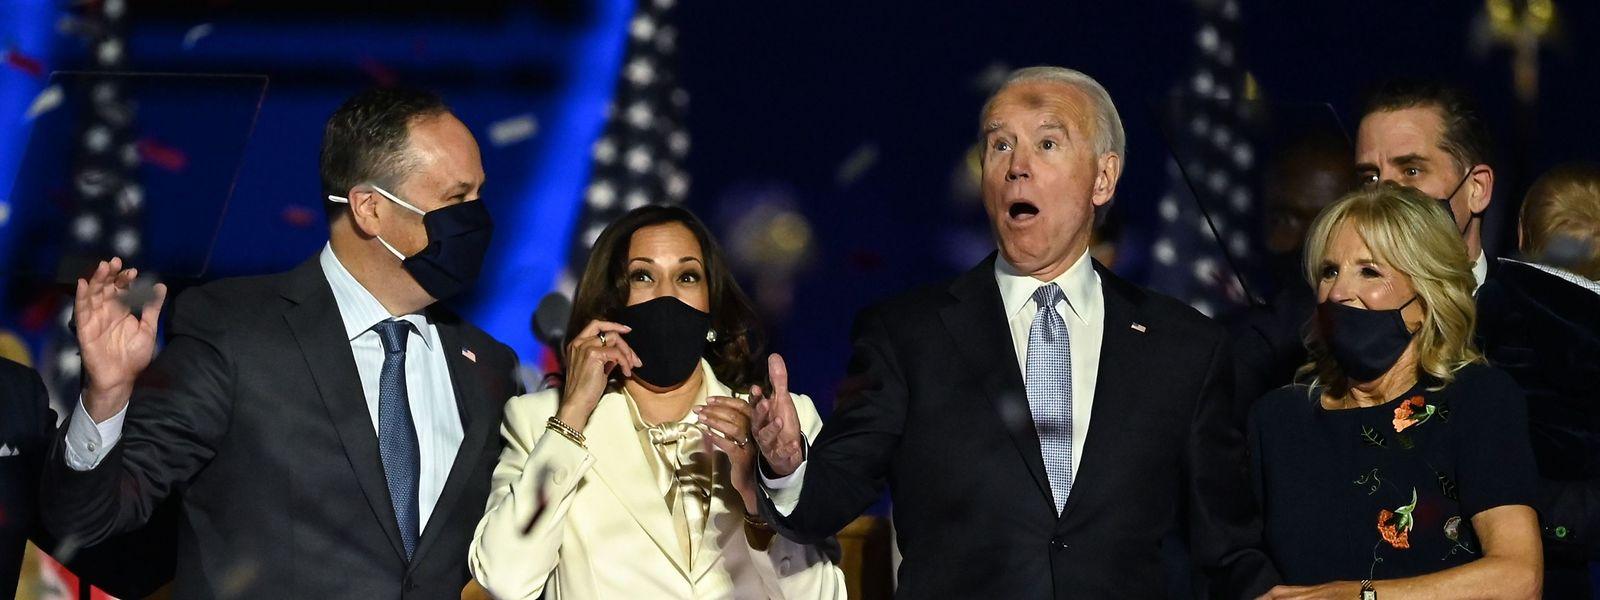 Kamala Harris und Joe Biden feiern mit ihren Partnern und Anhängern den Wahlsieg.